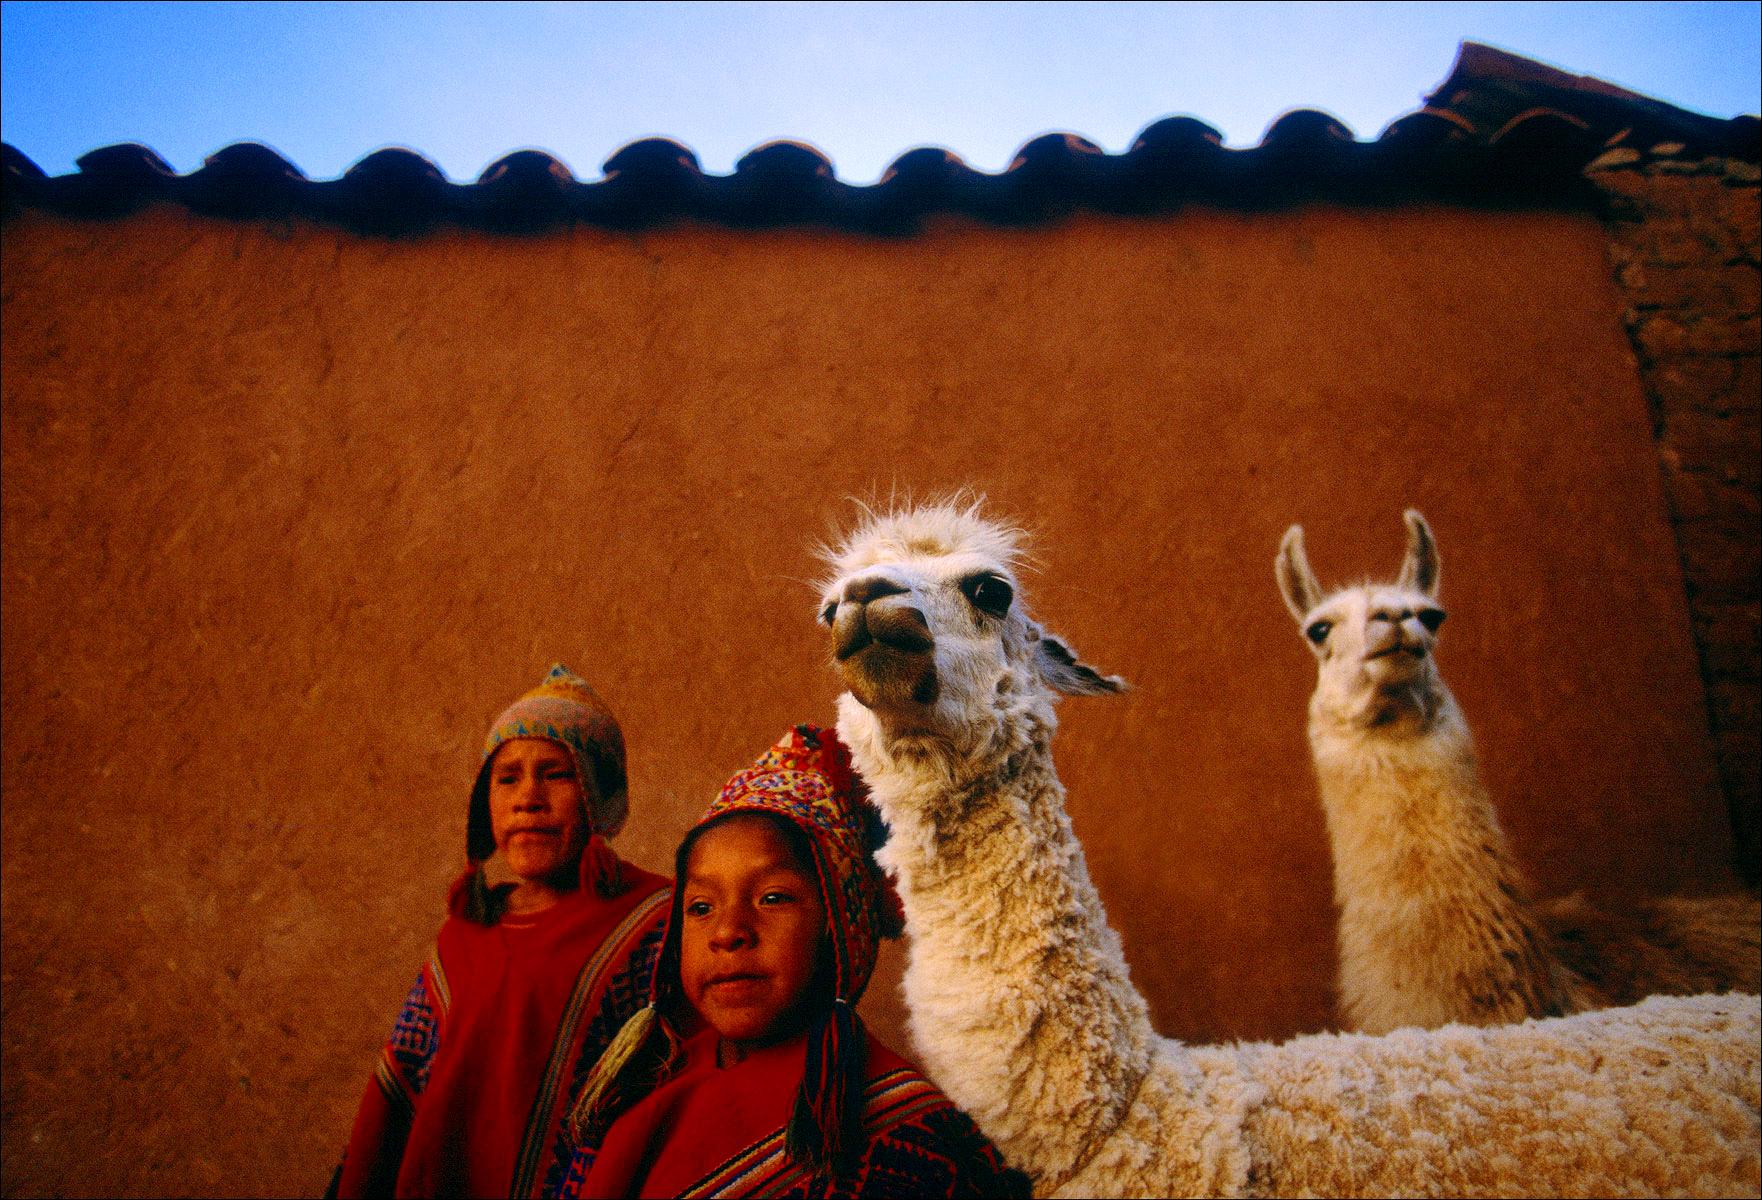 FineArt_23_Peruvian-Boys-_-Lamas